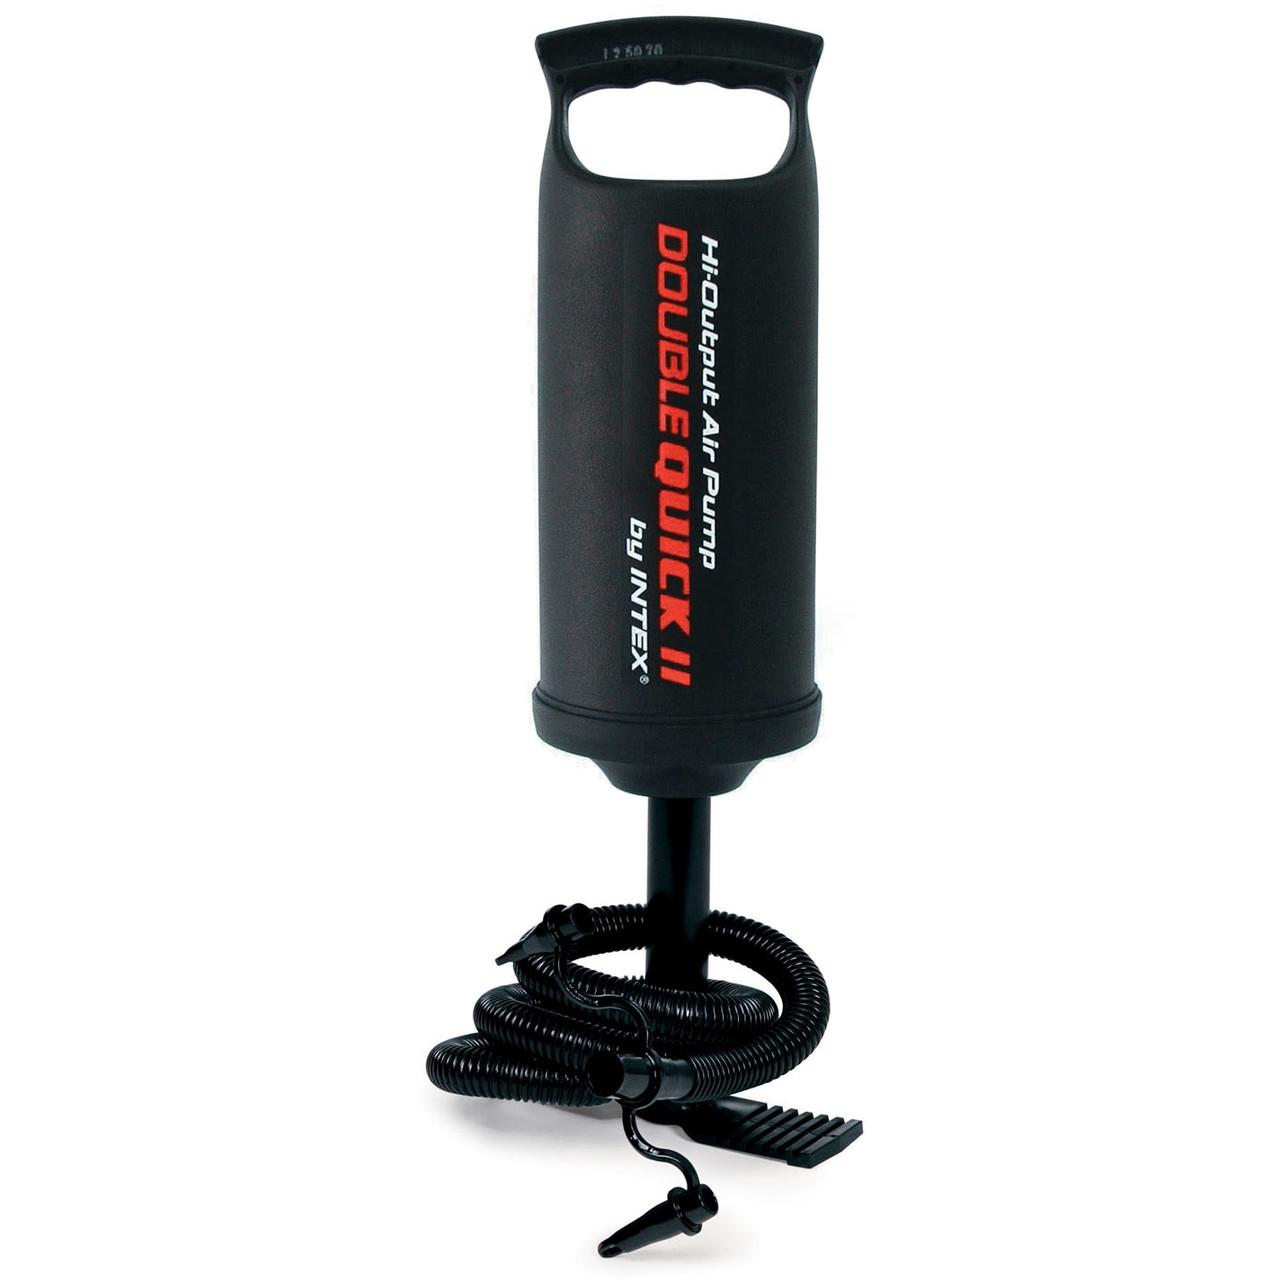 Ручной насос для надувания Intex 68614 (объем 2 л, высота насоса 36 см)